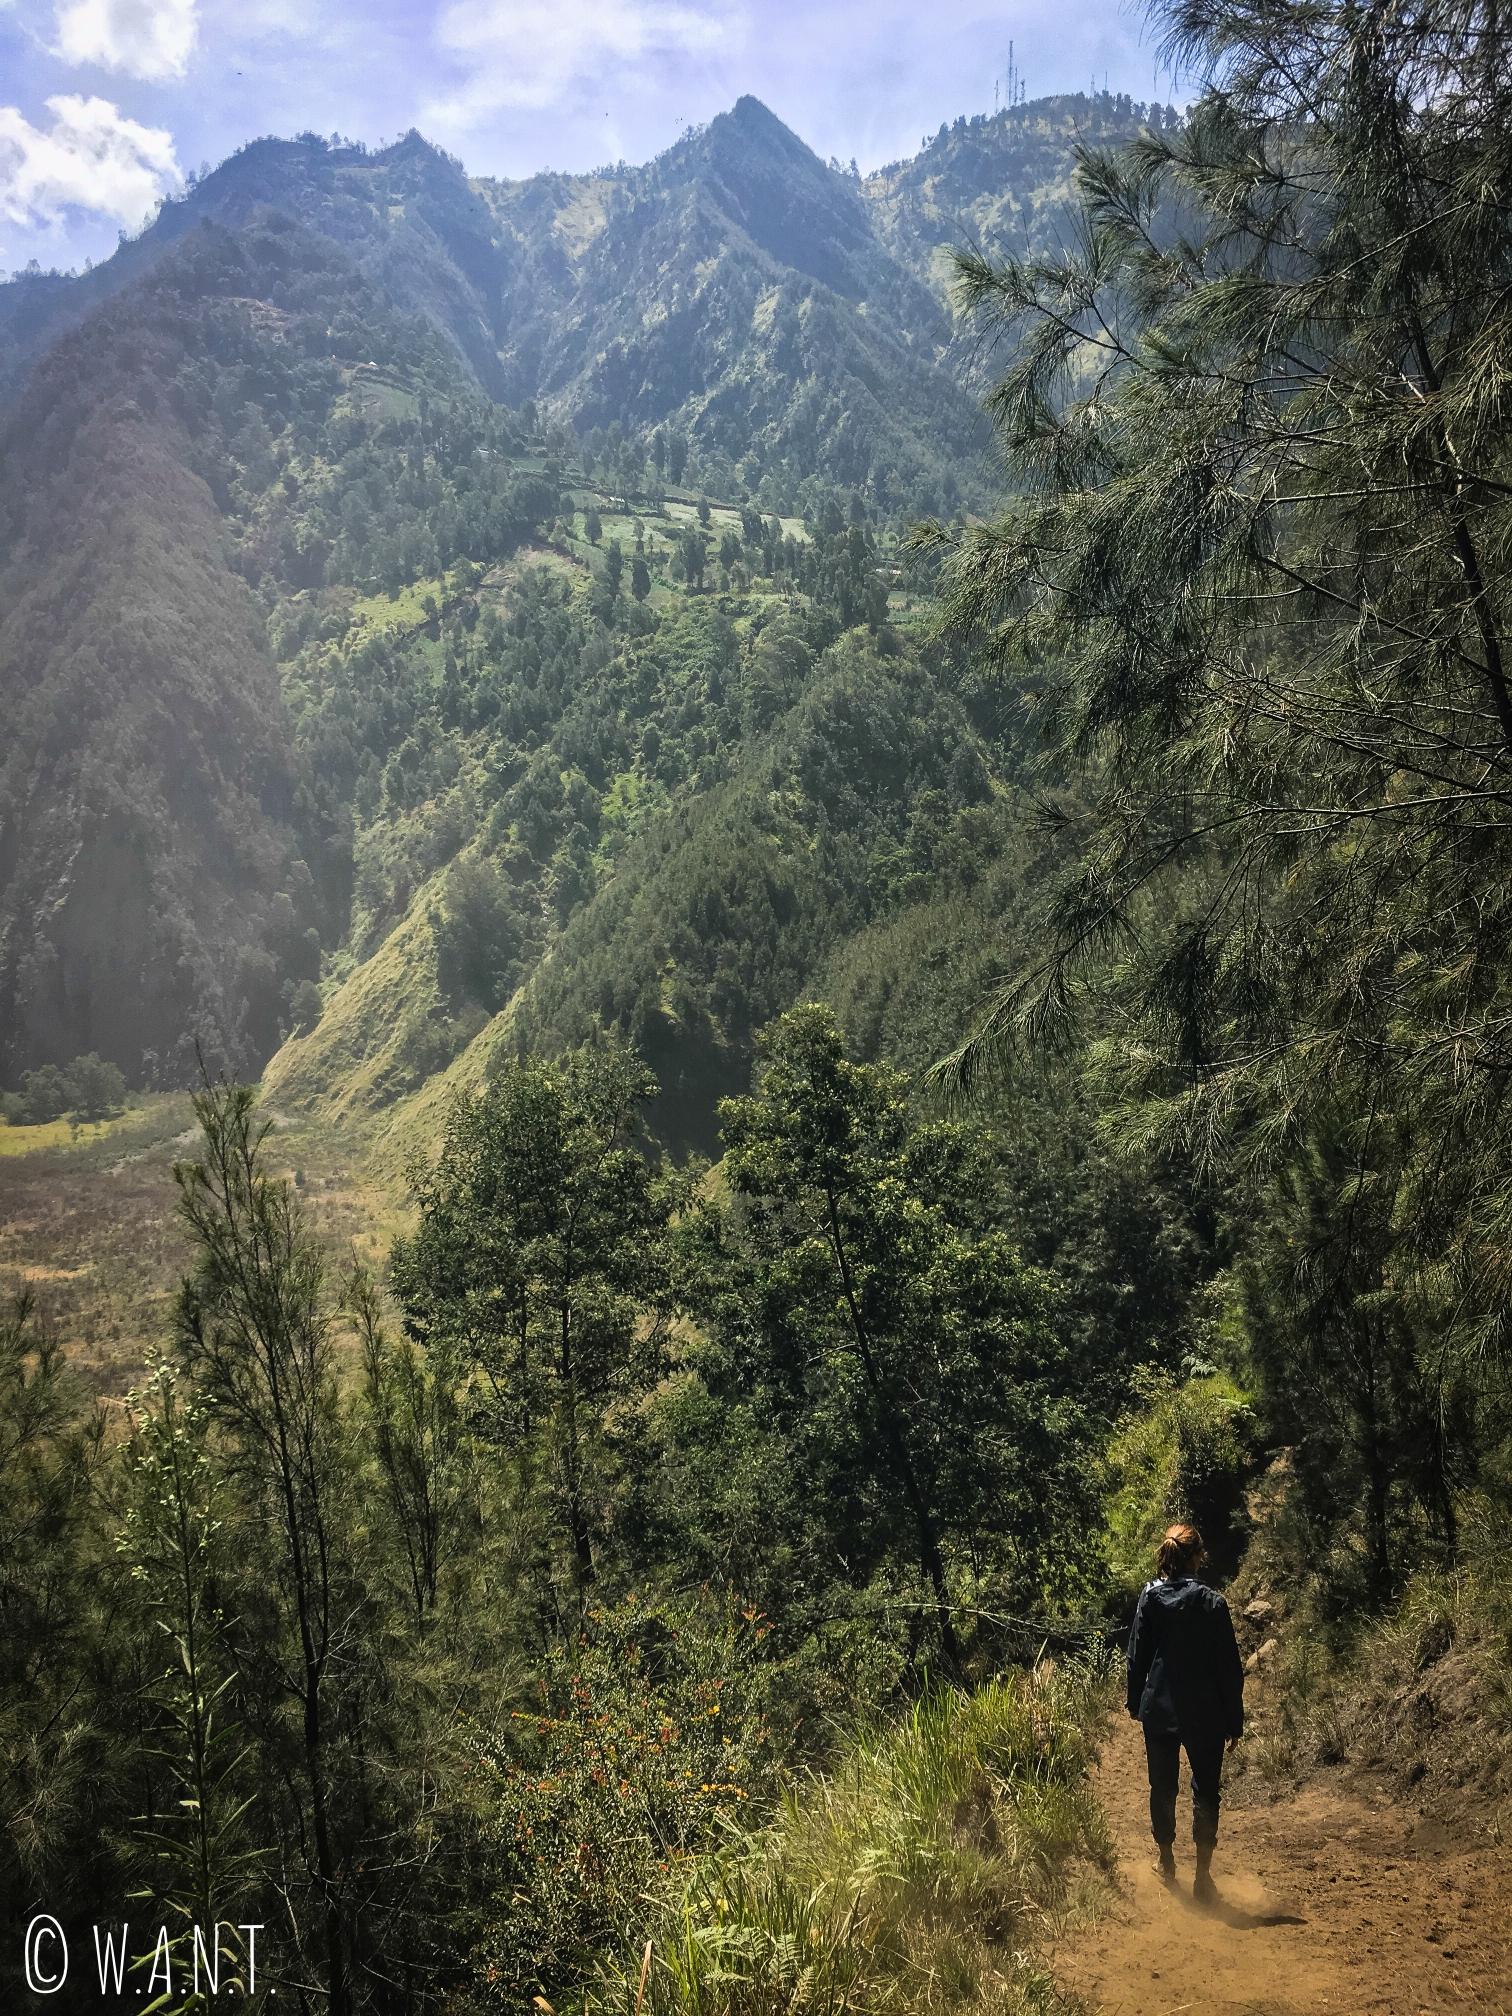 Marion empruntant le chemin des poireaux, gratuit, afin de rejoindre la caldeira du Bromo